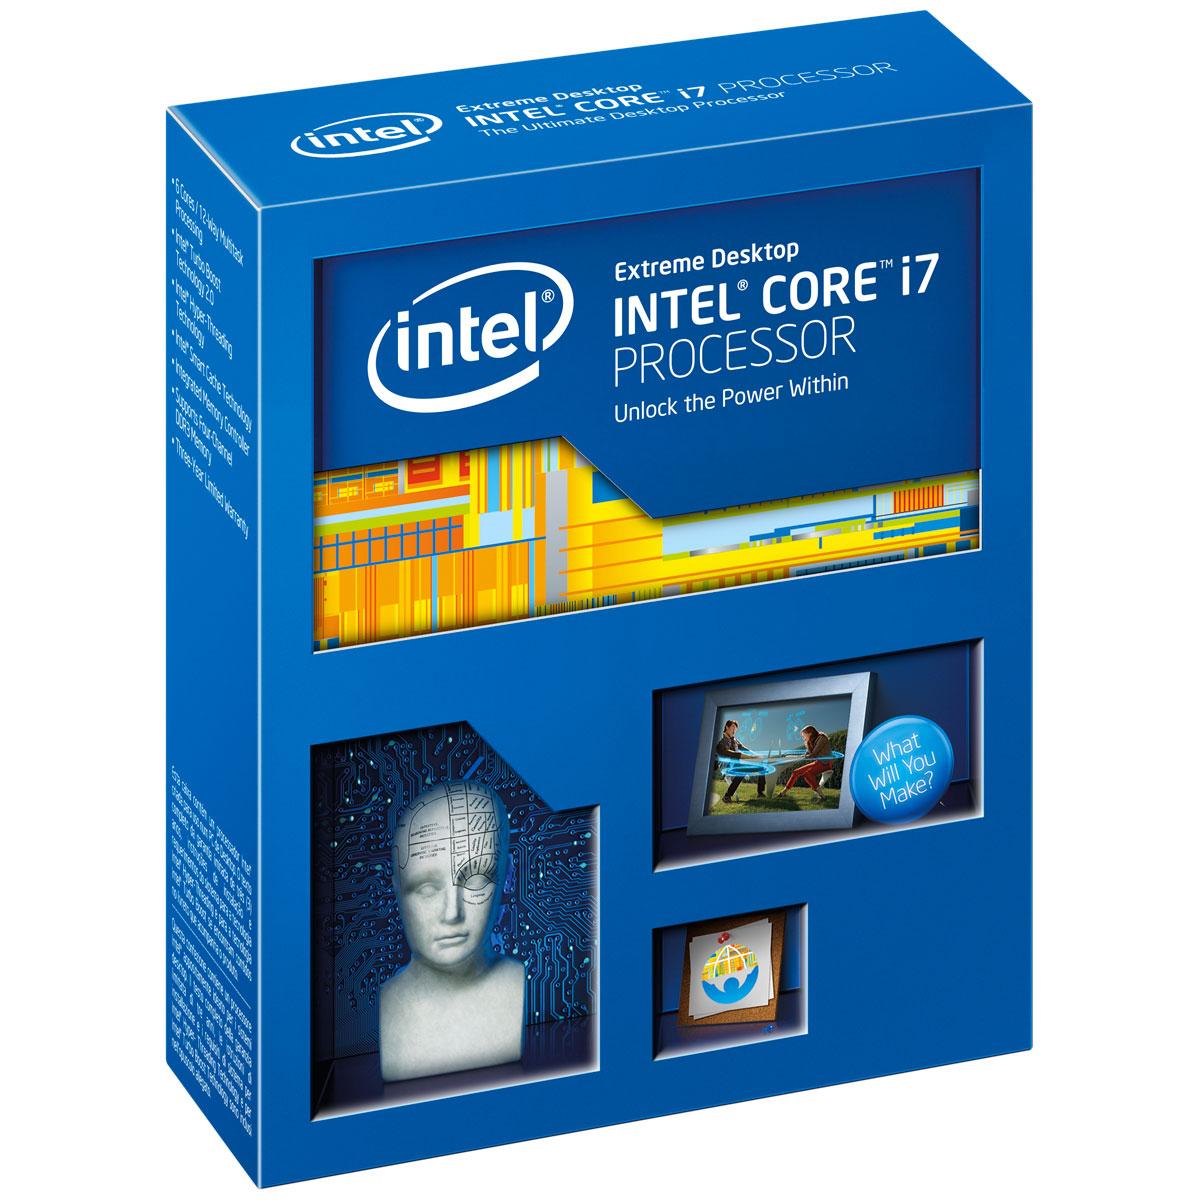 Processeur Intel Core i7-4930K (3.4 GHz) Processeur 6 Core Socket 2011 Cache L3 12 Mo 0.022 micron (version boîte sans ventilateur - garantie Intel 3 ans)